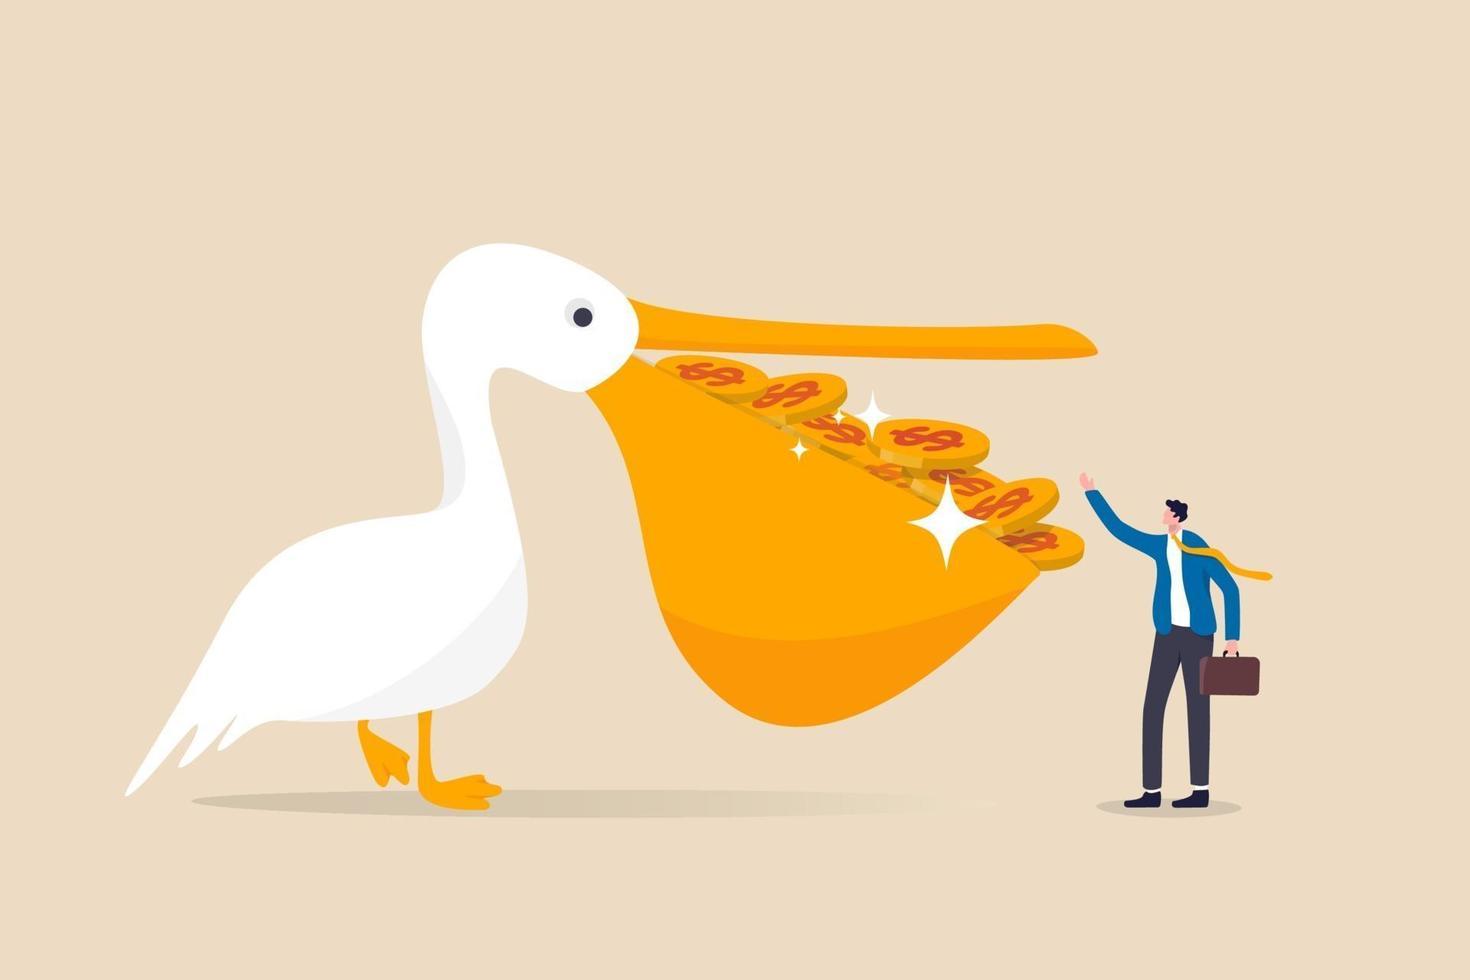 pelikaanvogel vol dollargeldmunten in zijn mond met een rijke investeerder vector